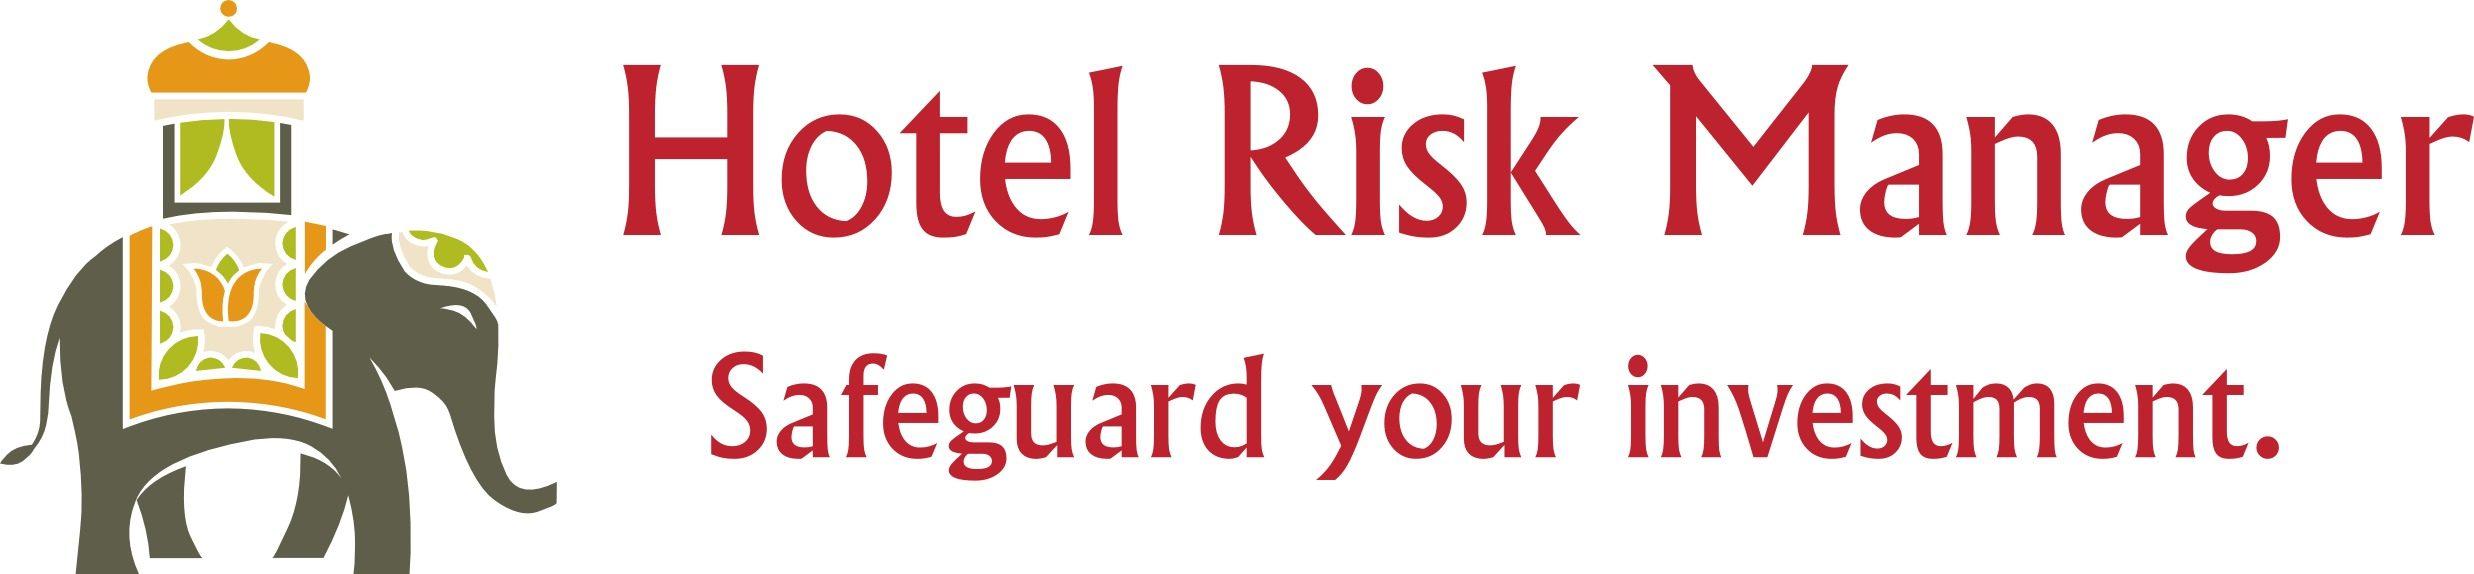 Hotel Risk Manager